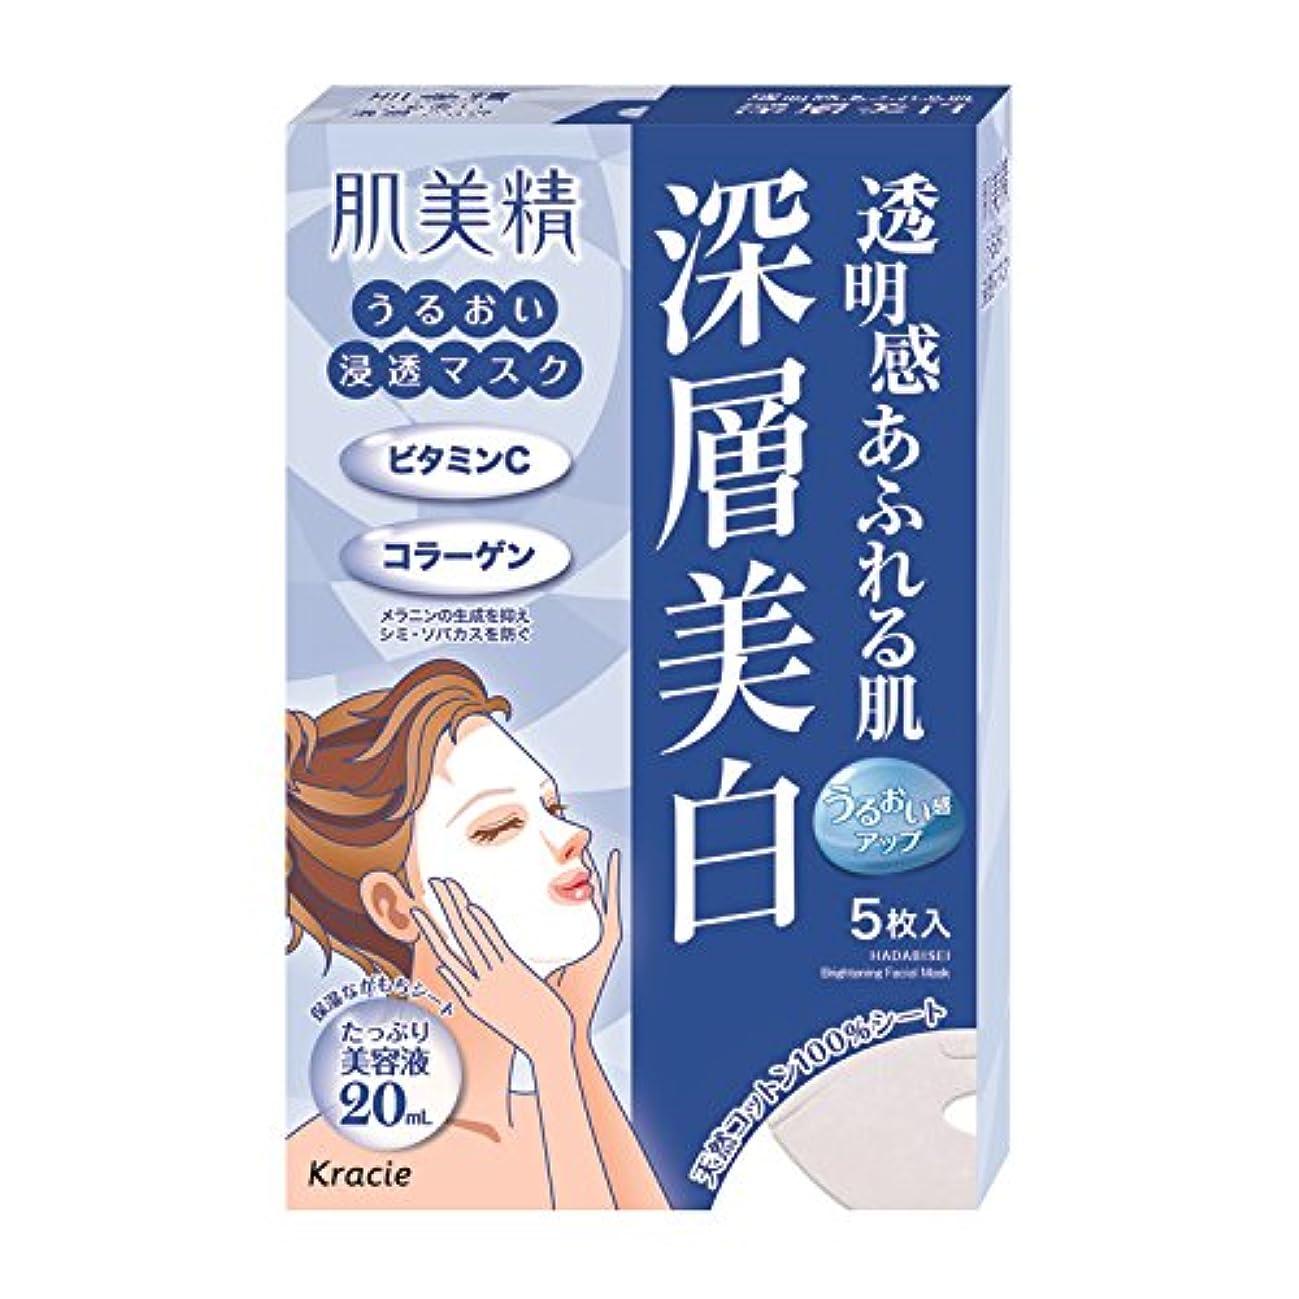 腕頭痛壁肌美精 うるおい浸透マスク (深層美白) 5枚 [医薬部外品]